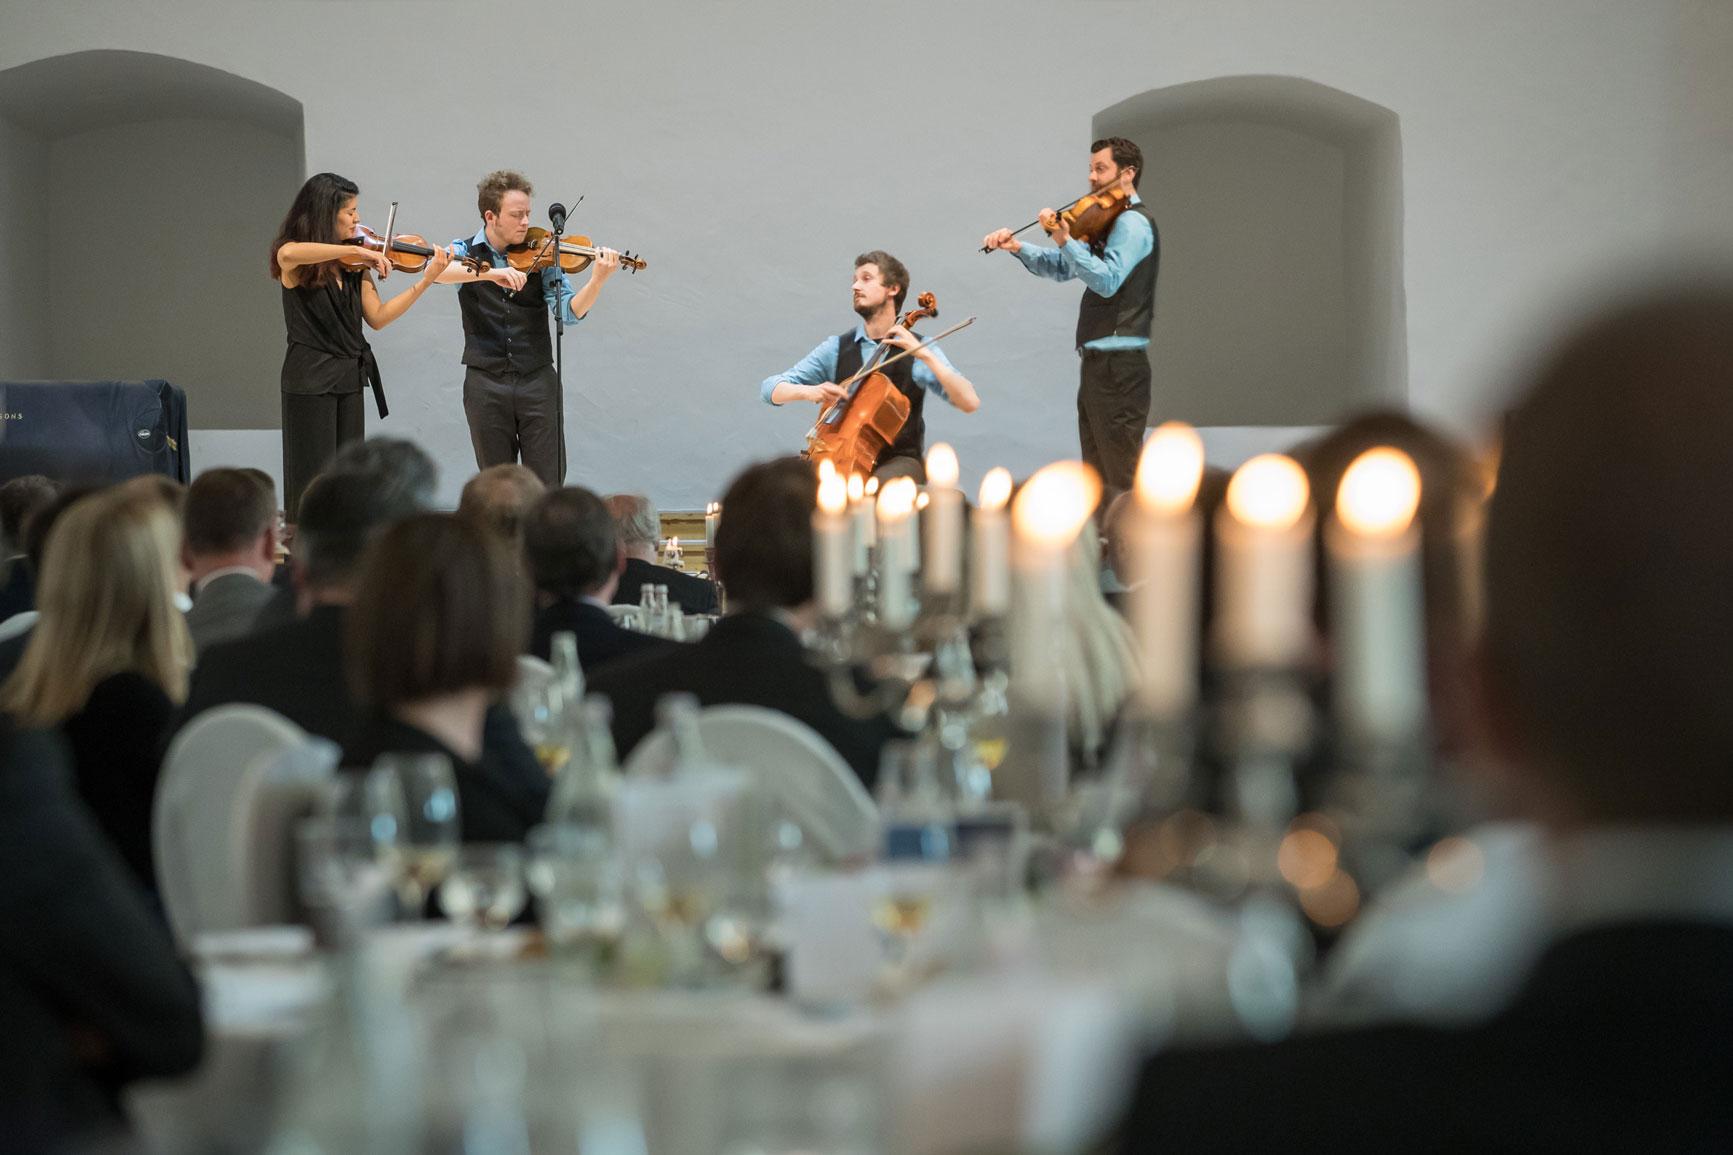 Feuerbach Quartett - Gruppenfoto beim spielen